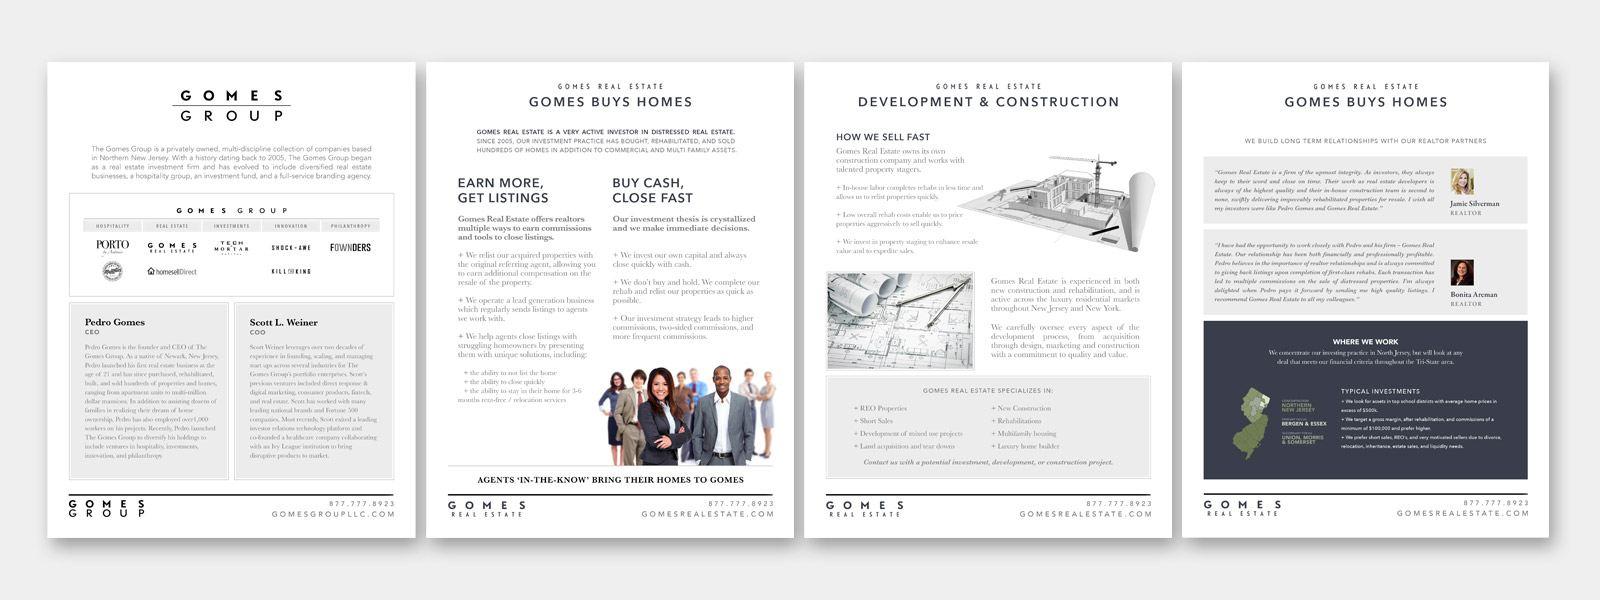 RE EVOLUTION // Real Estate Media Kit Design